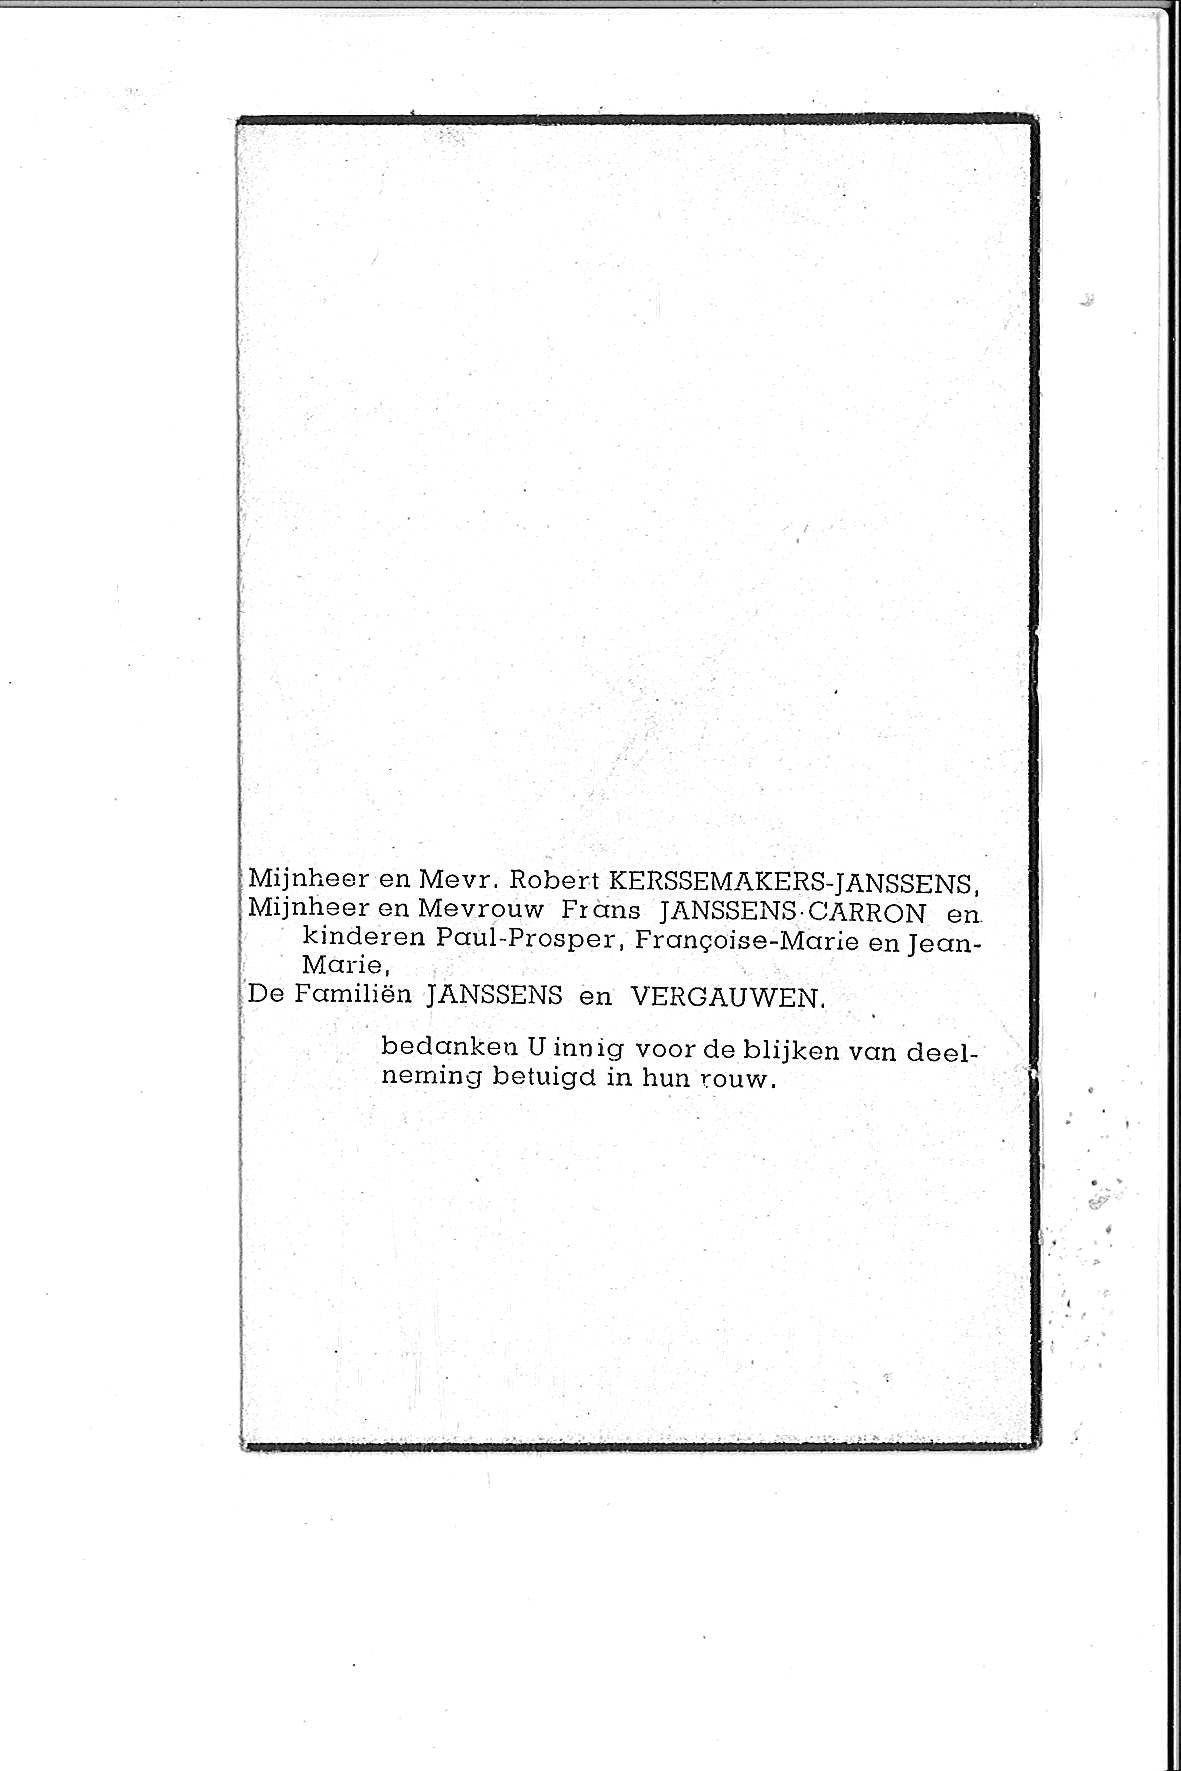 Prosper(1953)20150504112425_00032.jpg